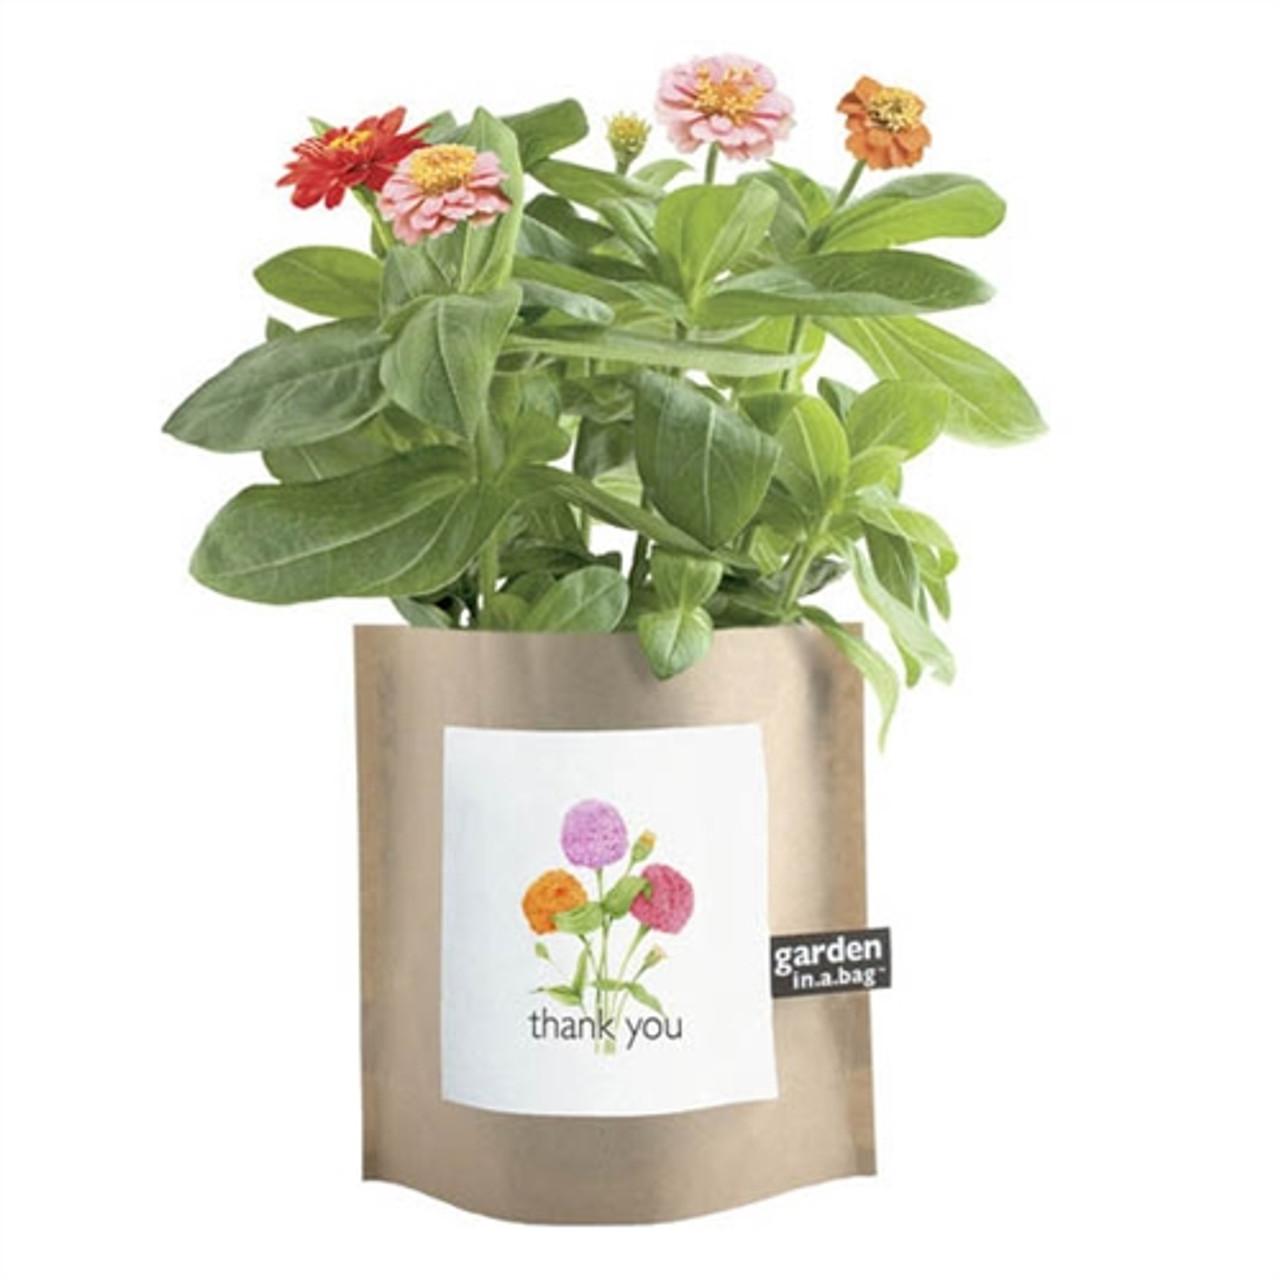 Thank You Gift - Garden in a Bag Zinnias